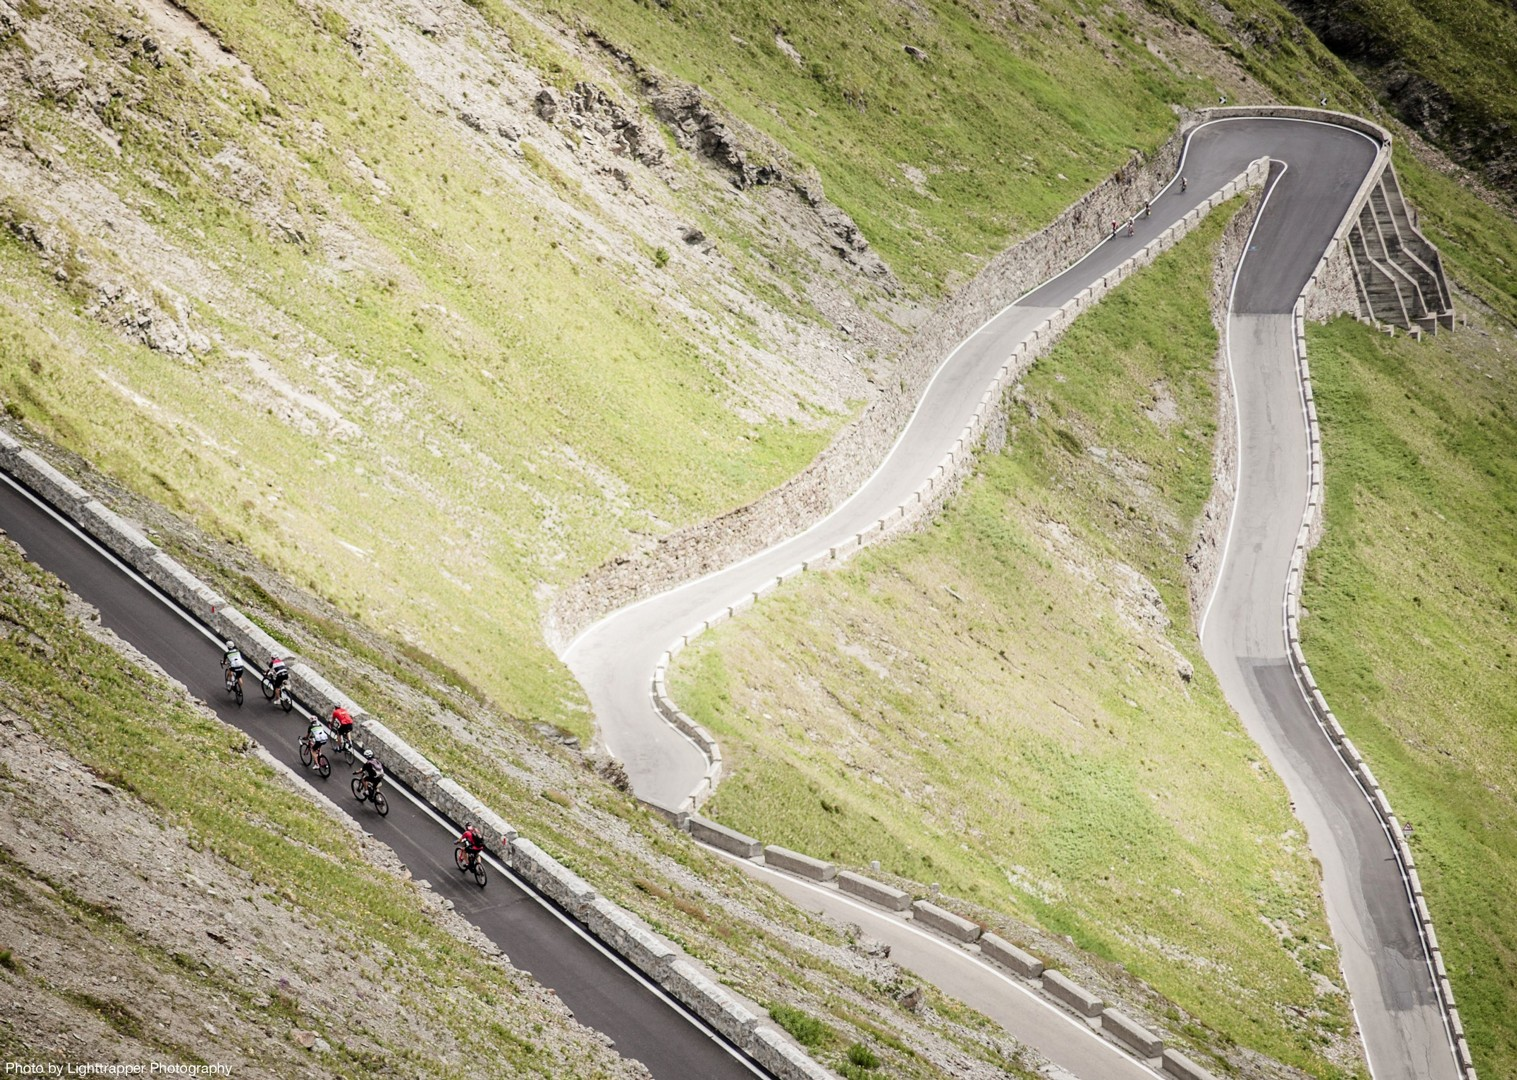 guided-road-cycling-holiday-stelvio.jpg - Italy - Italian Alps Introduction - Guided Road Cycling Holiday - Road Cycling